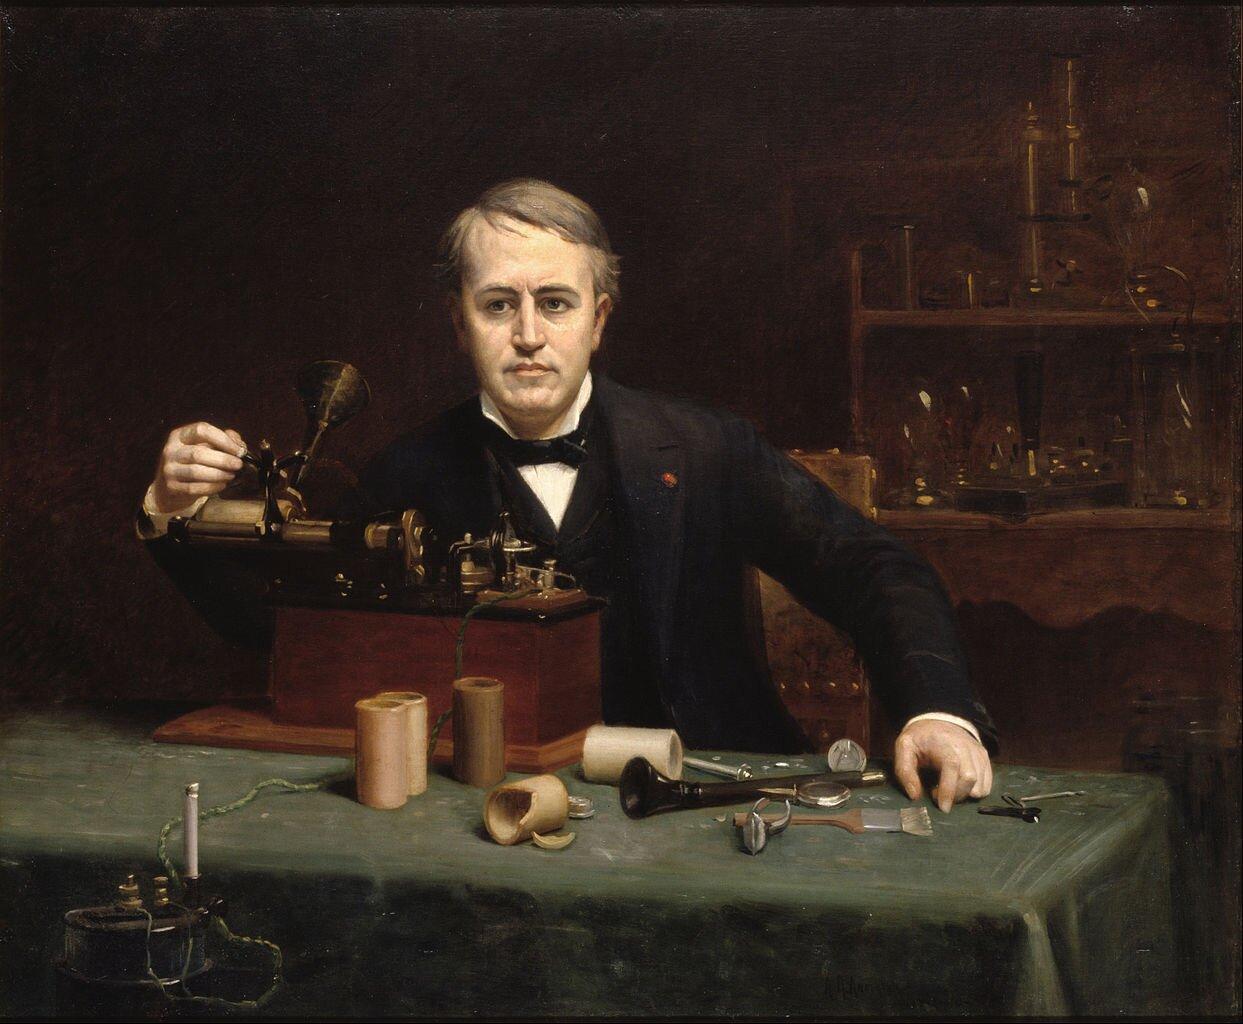 Thomas Edison zradiem Źródło: Google Cultural Institute, Thomas Edison zradiem, Olej na płótnie, National Portrait Gallery, licencja: CC 0.